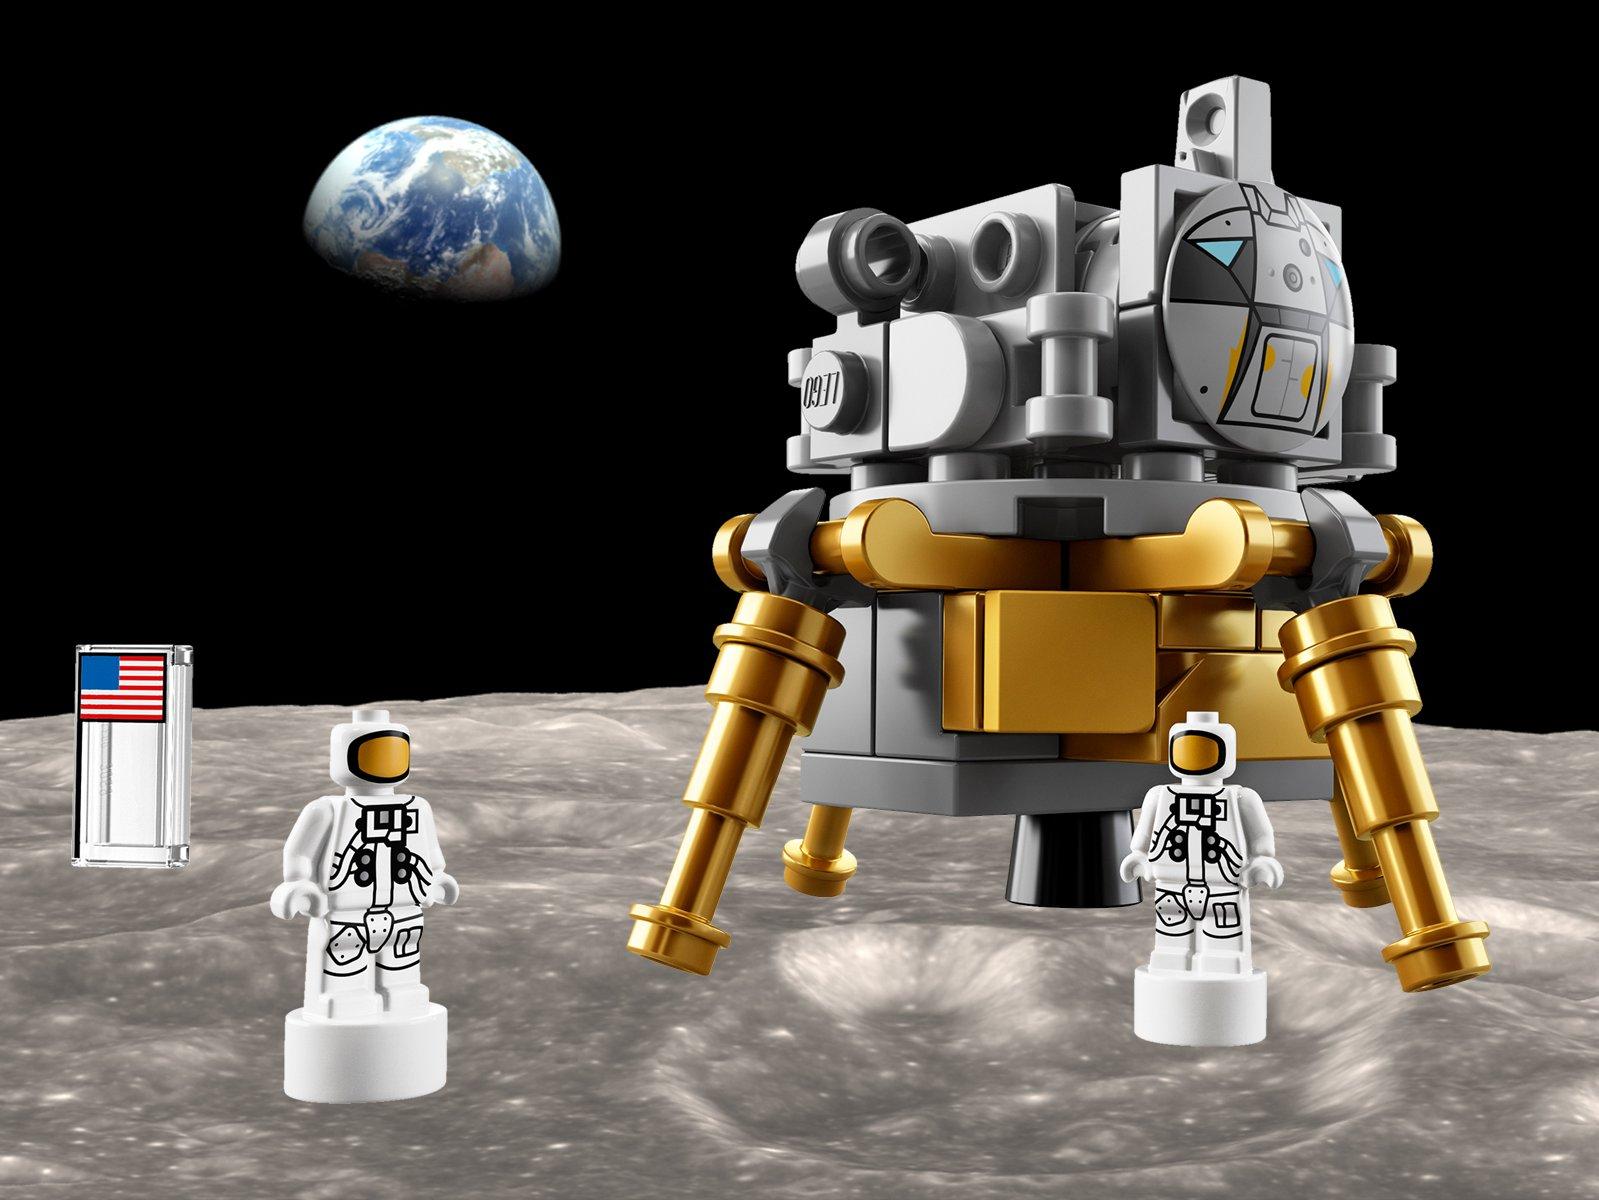 Lego presenta su nuevo cohete 'NASA Apolo Saturno V ...